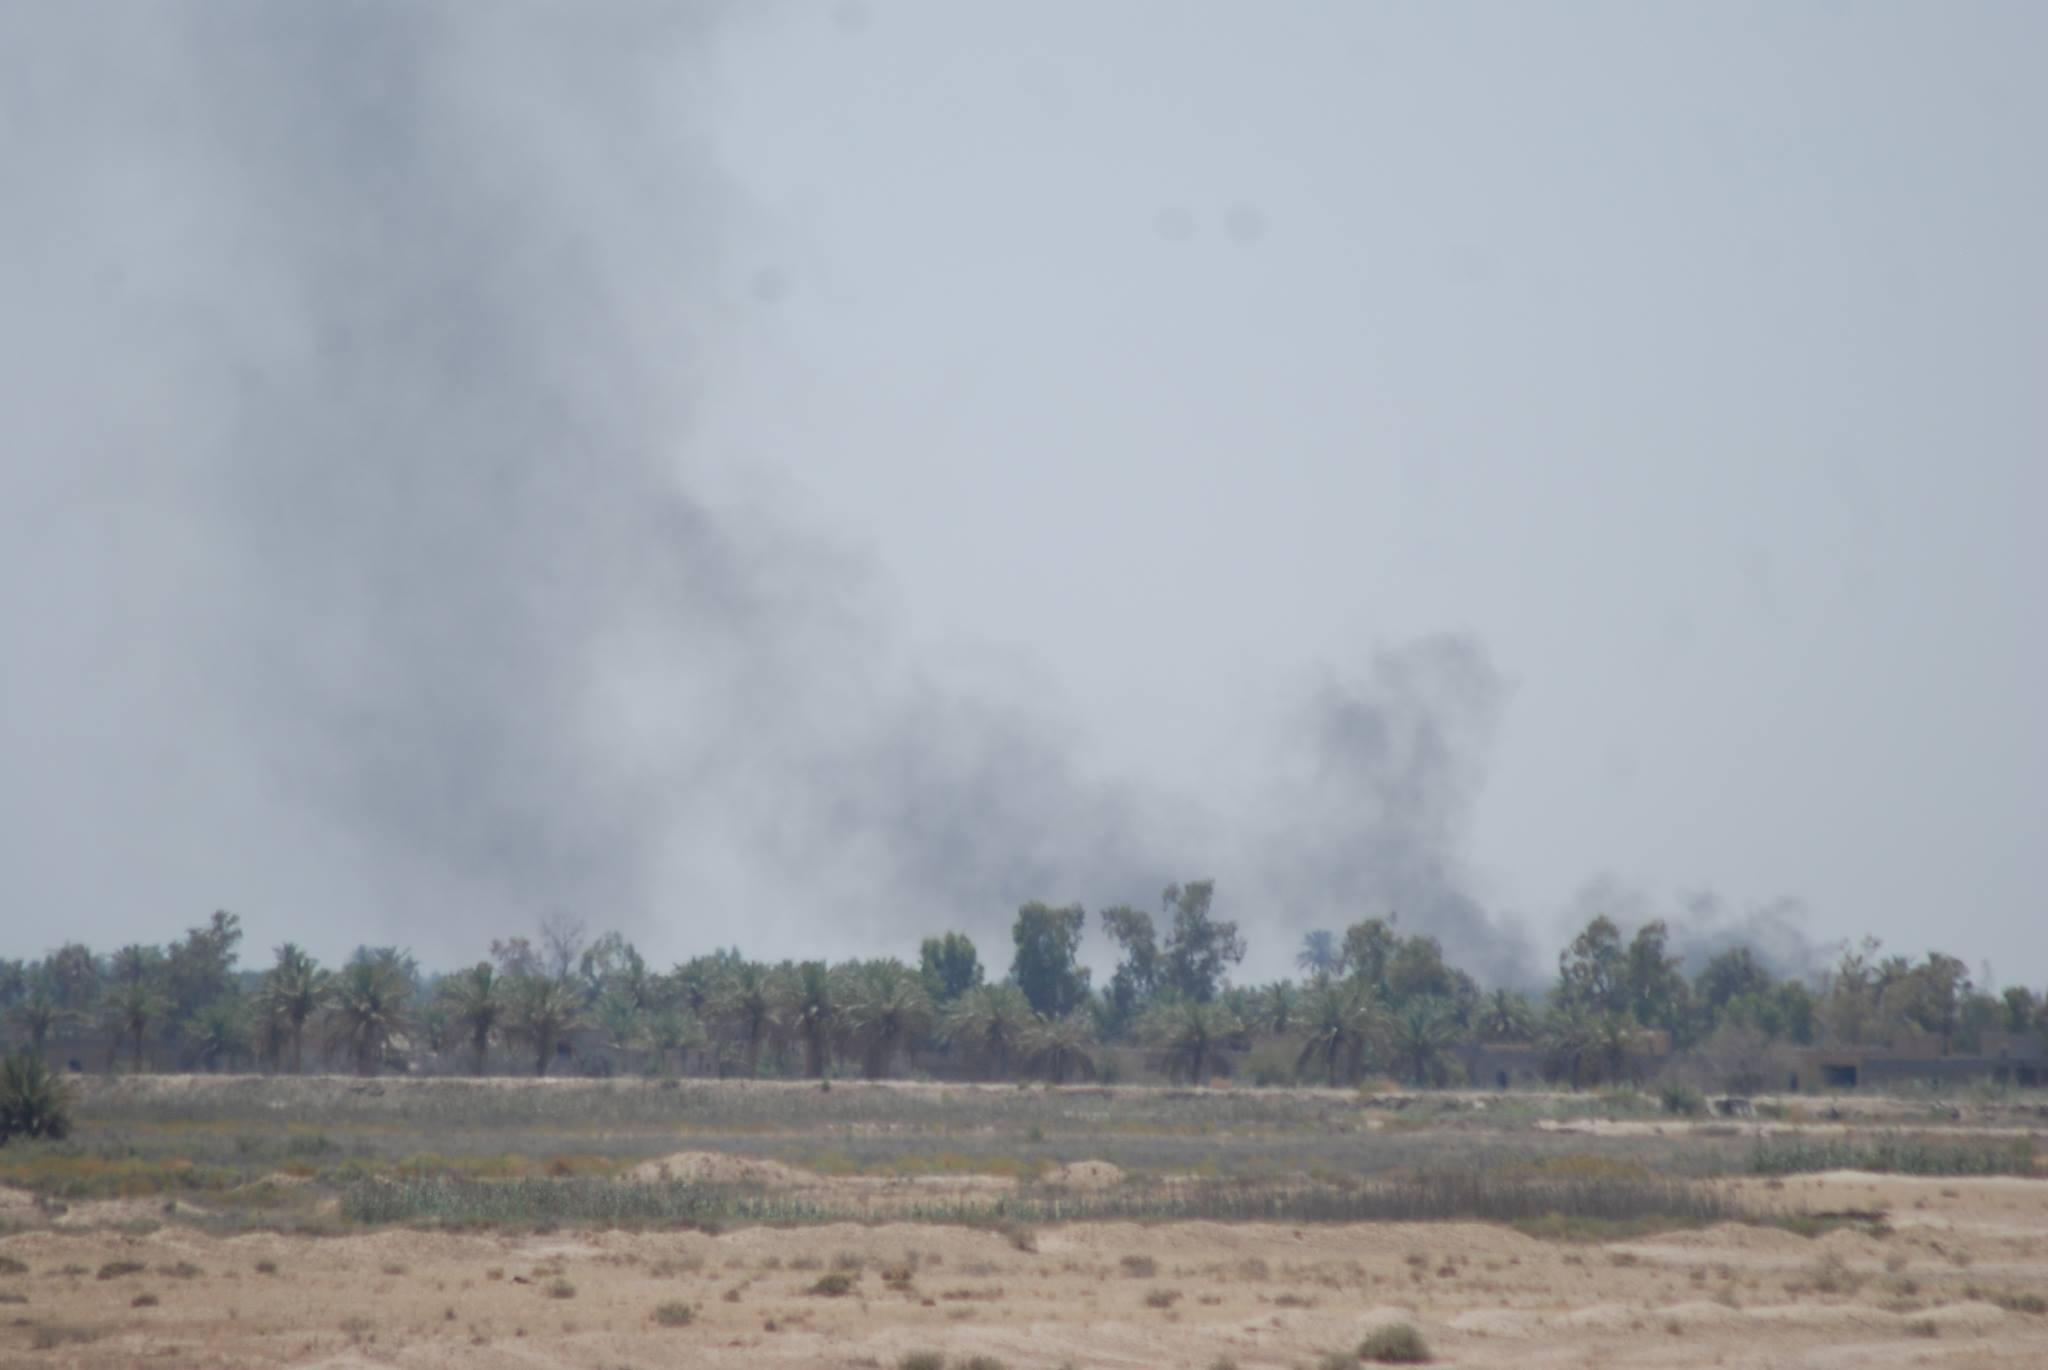 طيران الجيش يقصف تحشداً لداعش يروم الهجوم على حديثة